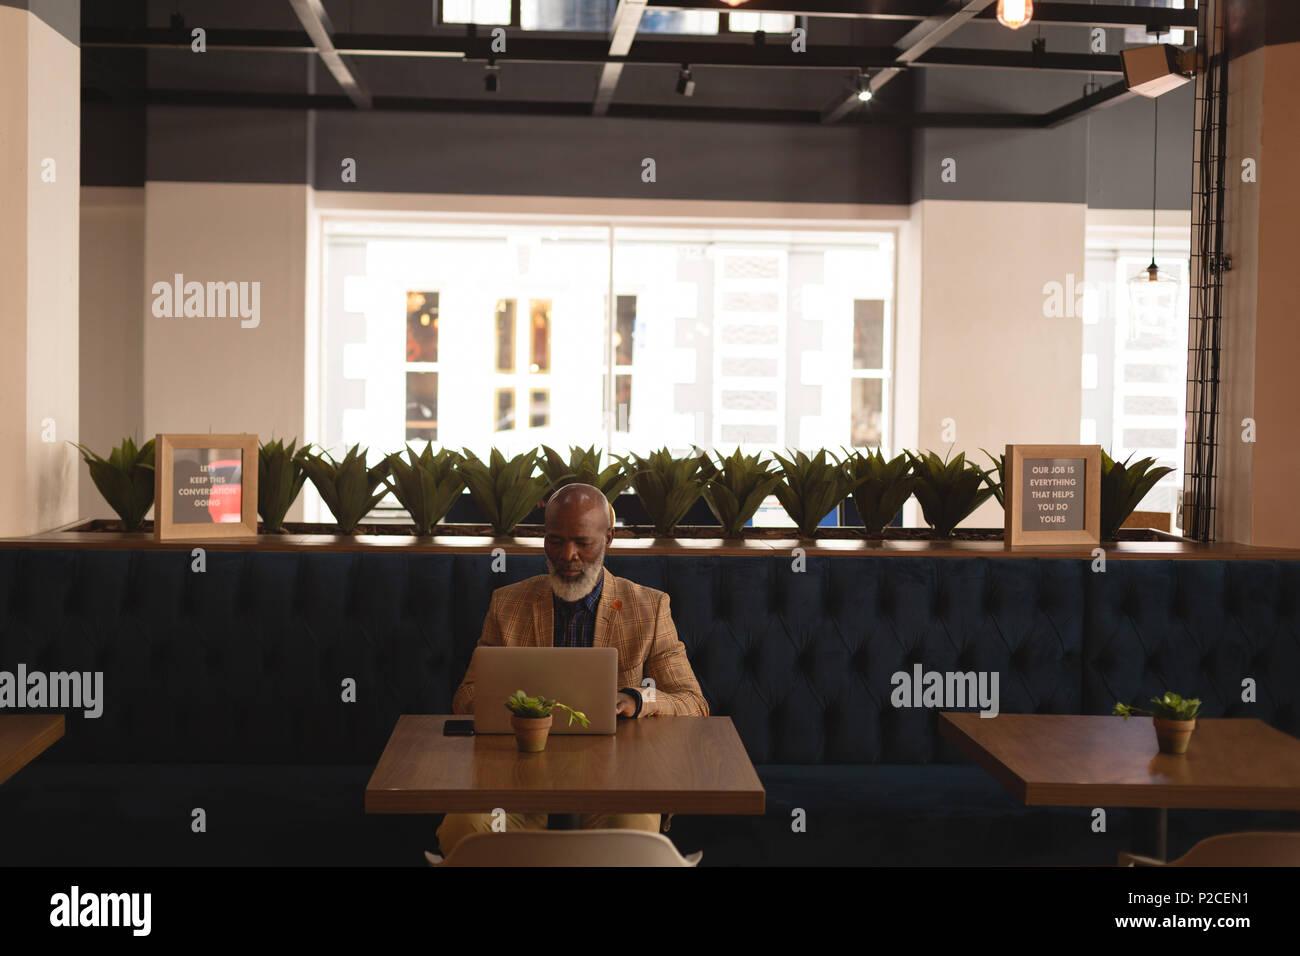 Senior graphic designer using laptop in cafeteria - Stock Image